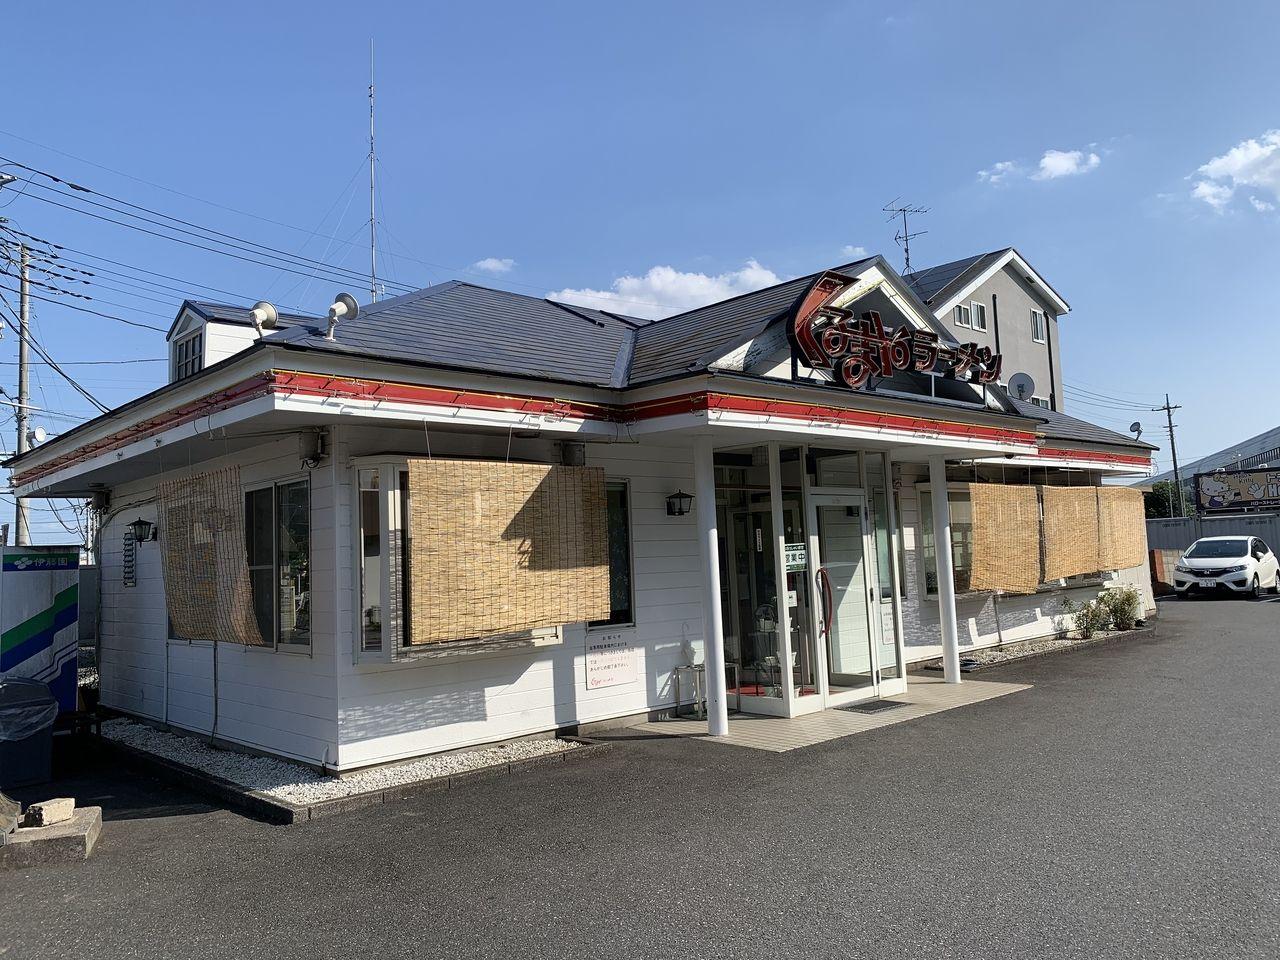 【三郷市食べ歩きブログ】三郷市高州2丁目の「くるまやラーメン三郷高州店」に行ってきました!